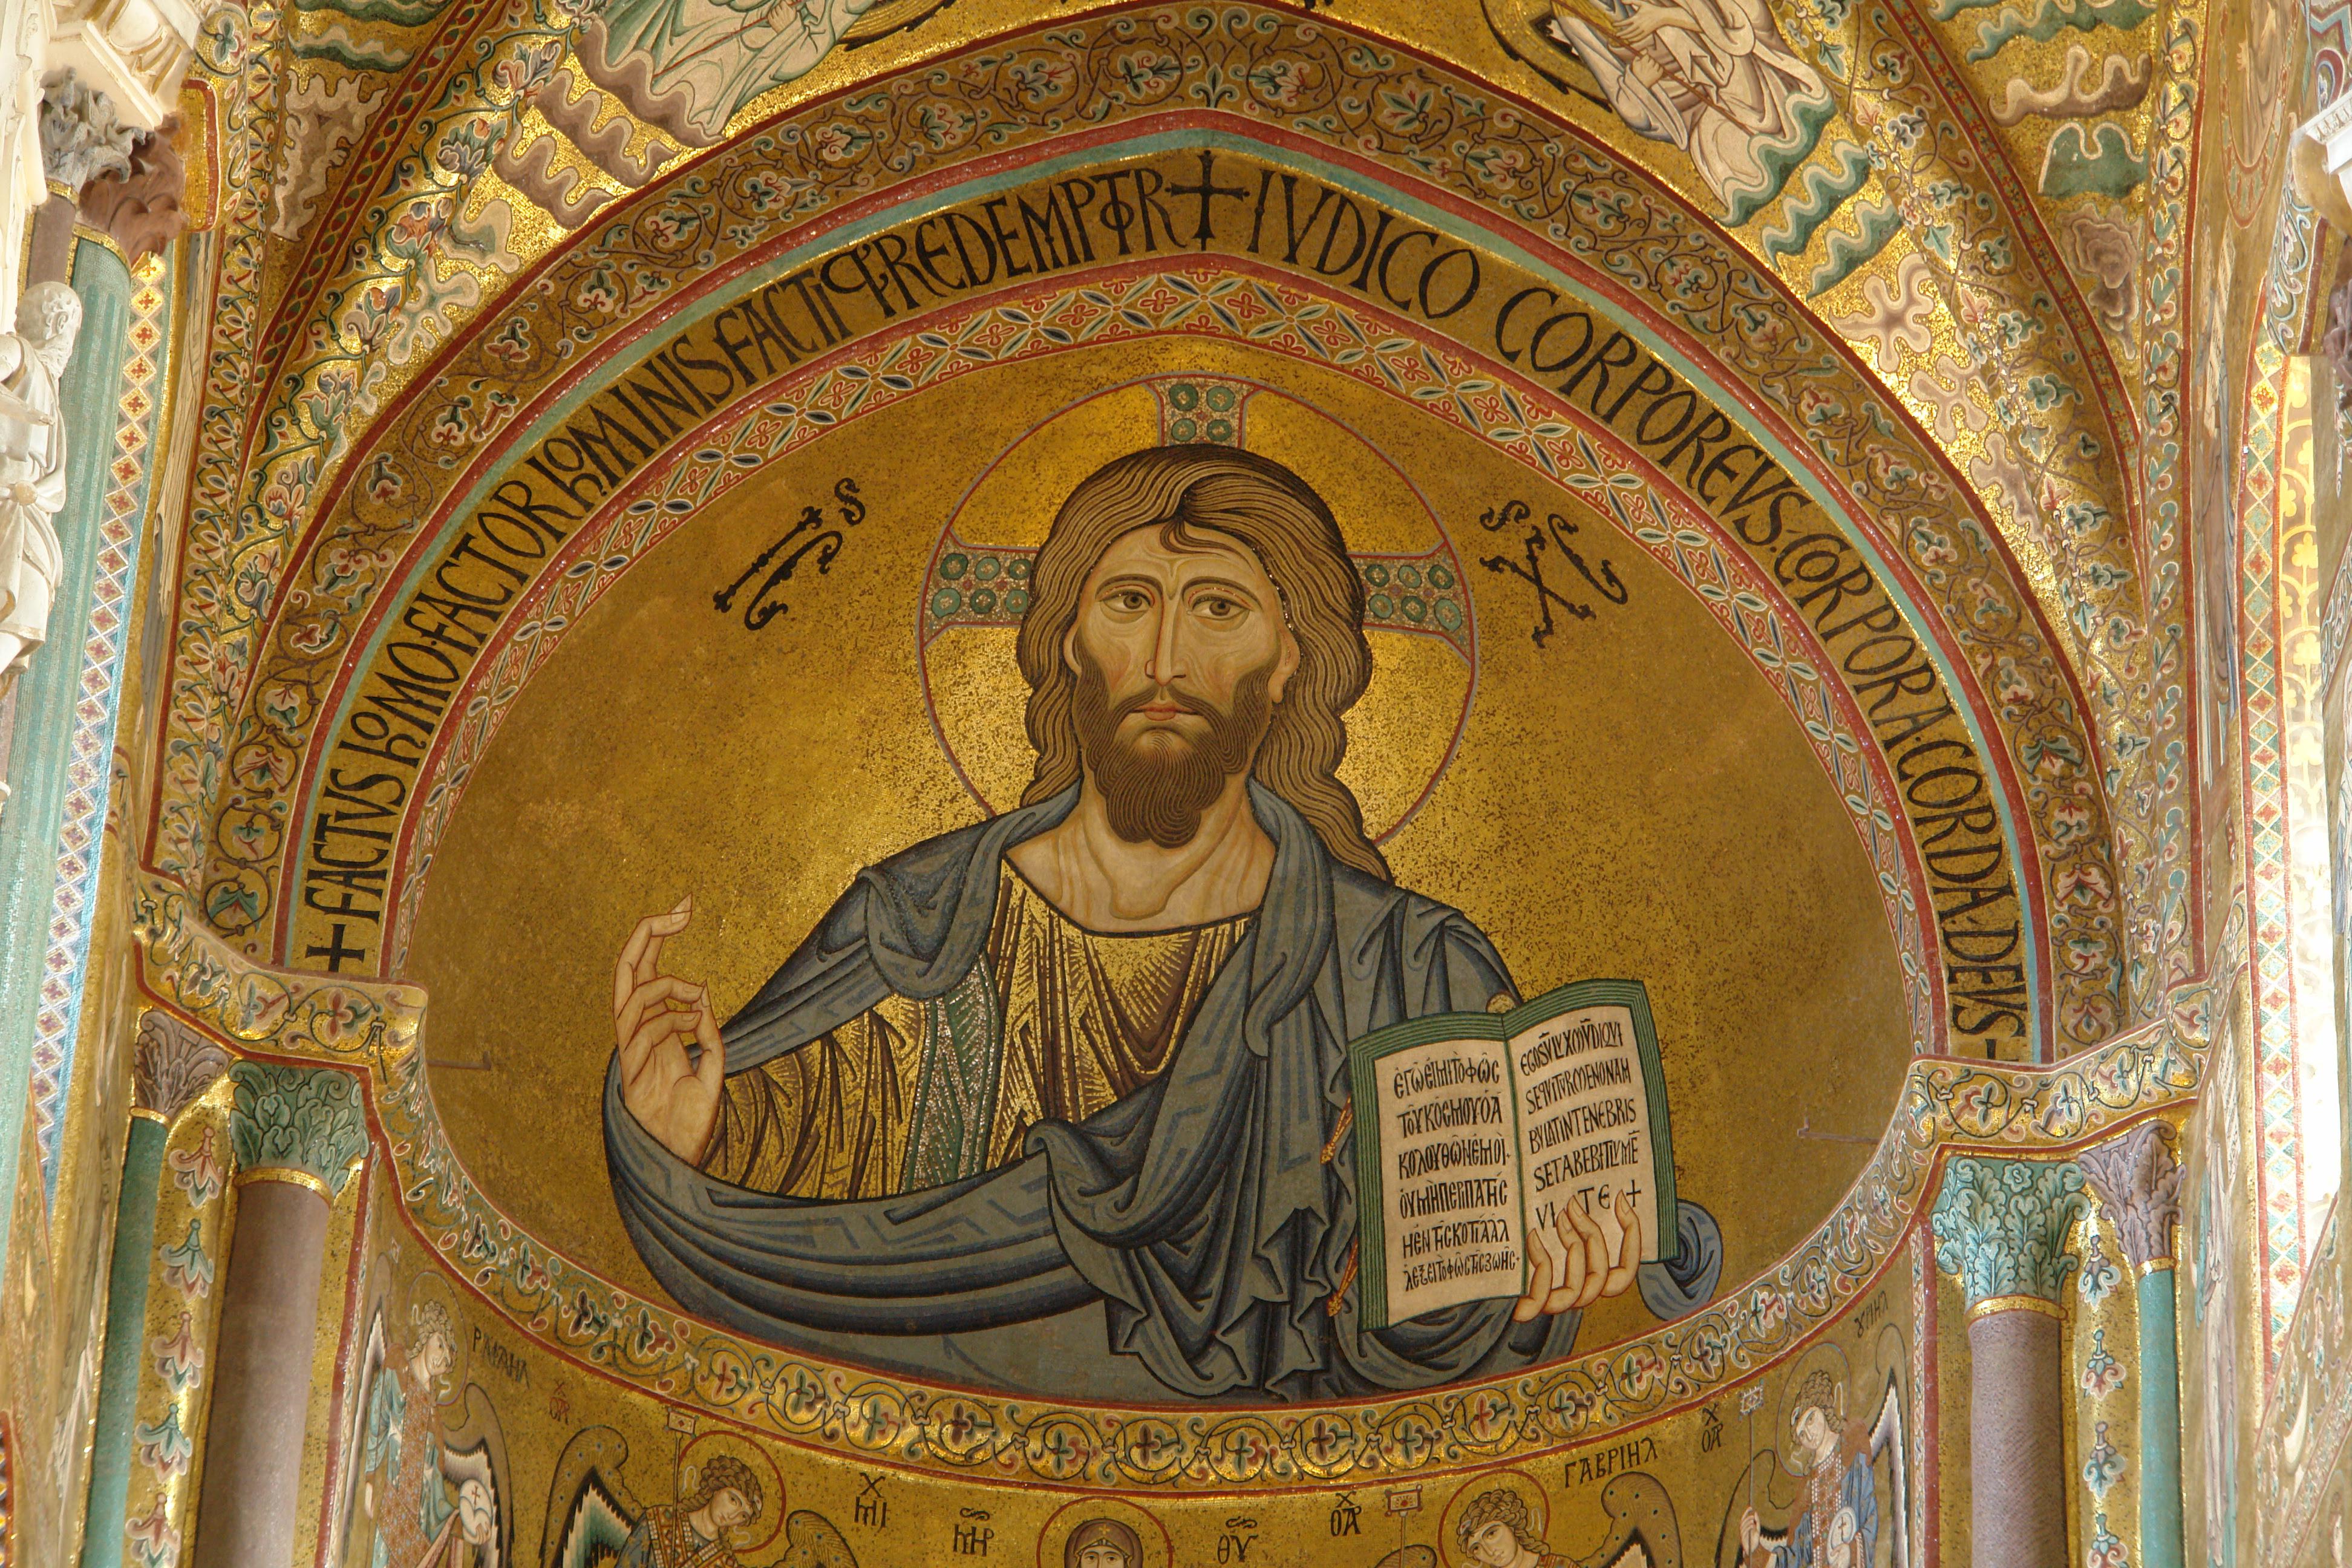 Dominus Jesus Christus Rex